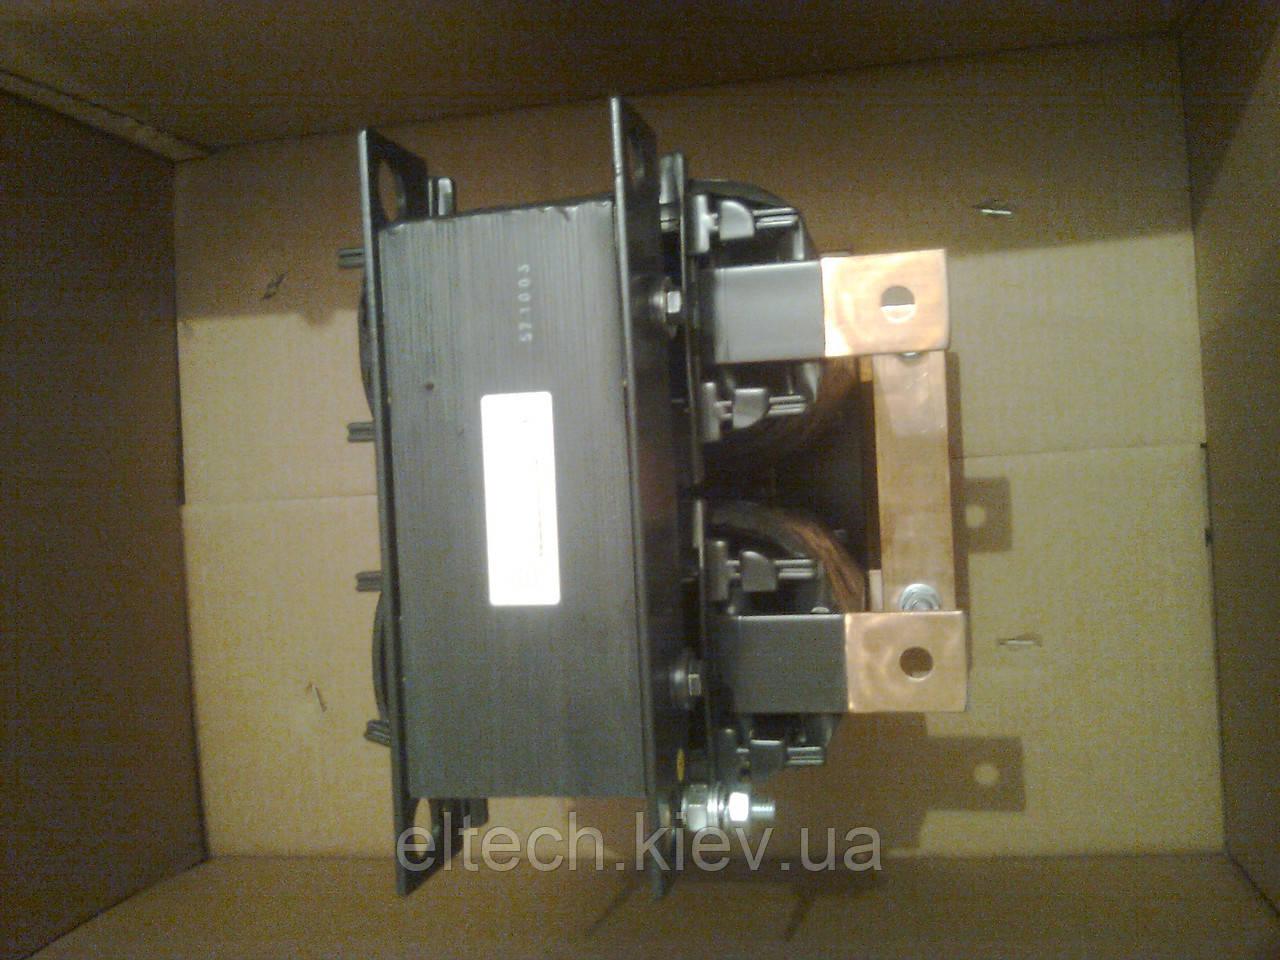 GDS7.5-838-0.095 - DC-дроссель для SJ700-3150HFE2 315кВт